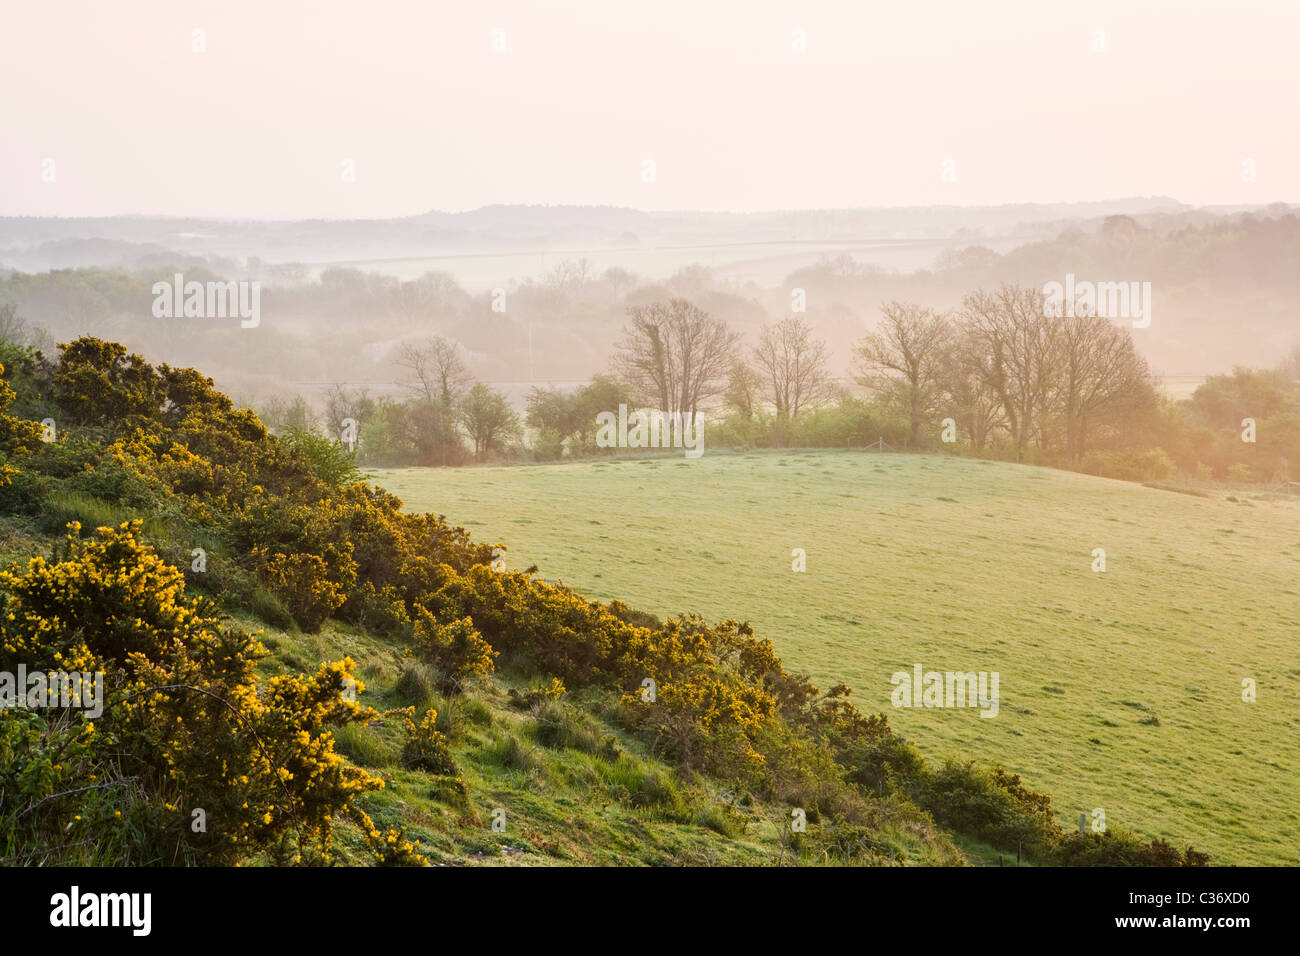 Misty Dawn im zeitigen Frühjahr in der Nähe von Corfe Castle Dorf, Dorset, Großbritannien Stockbild